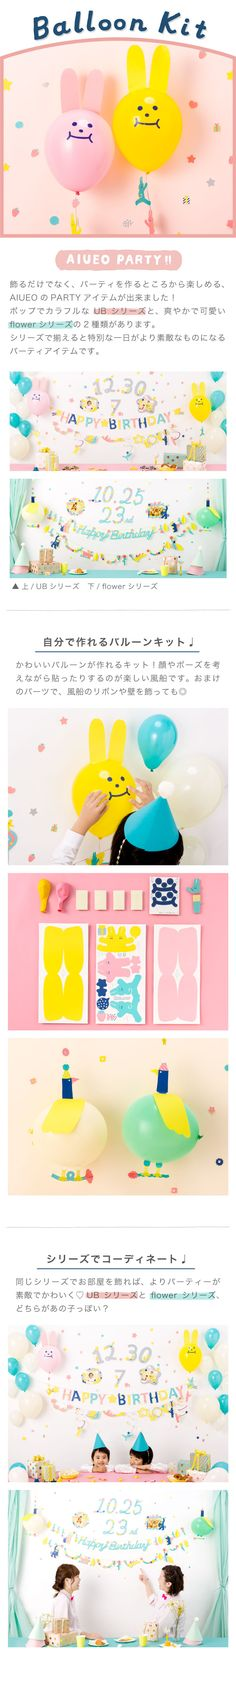 【楽天市場】AIUEOのパーティーグッズ ルームデコレーション バルーン 風船 記念日 誕生日 Happy Birthday かわいい おしゃれ by AIUEO (AGB-01_02):トナリー楽天市場支店